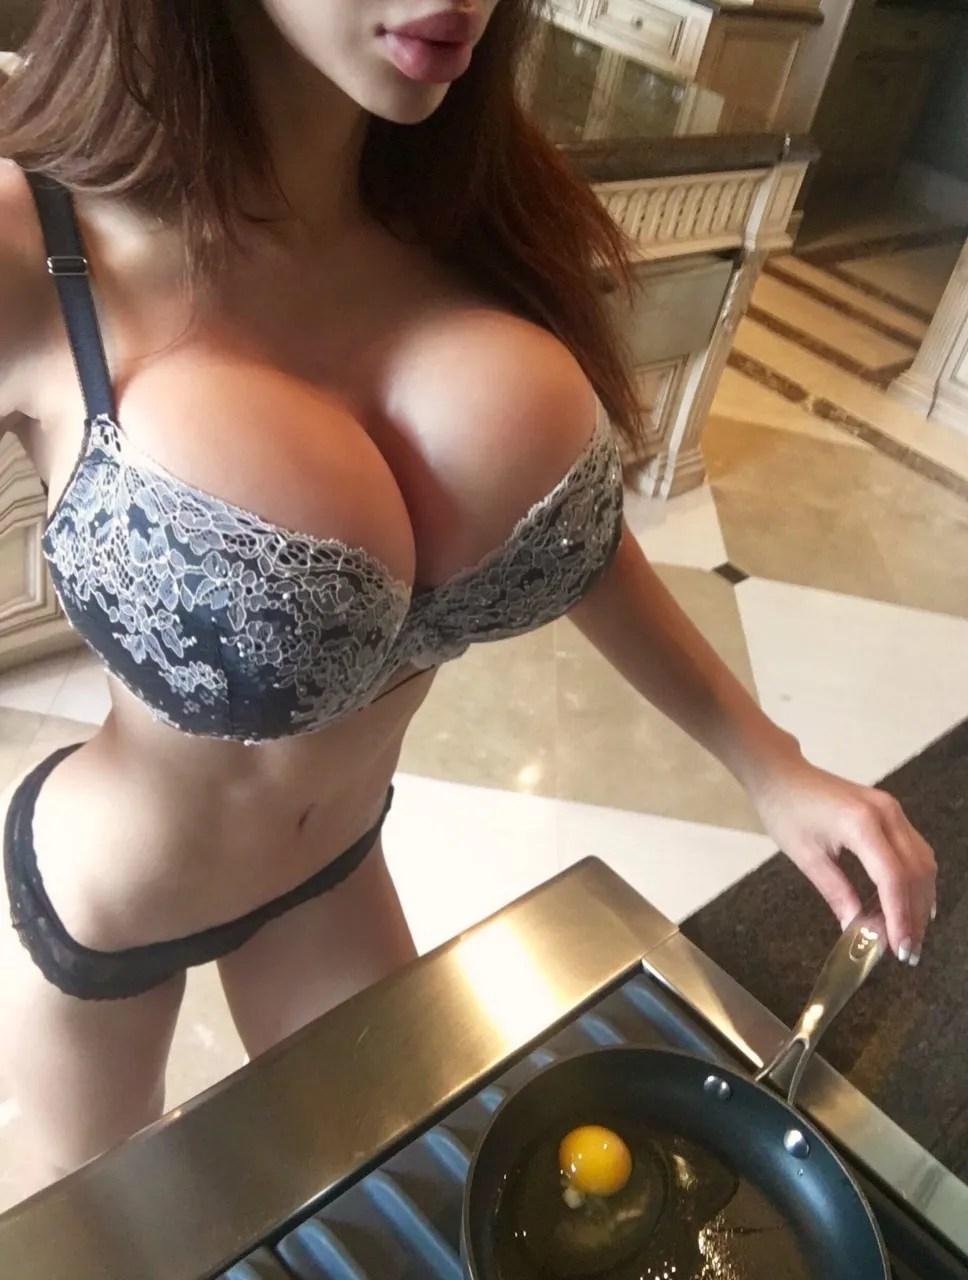 big-boobs-pics-20